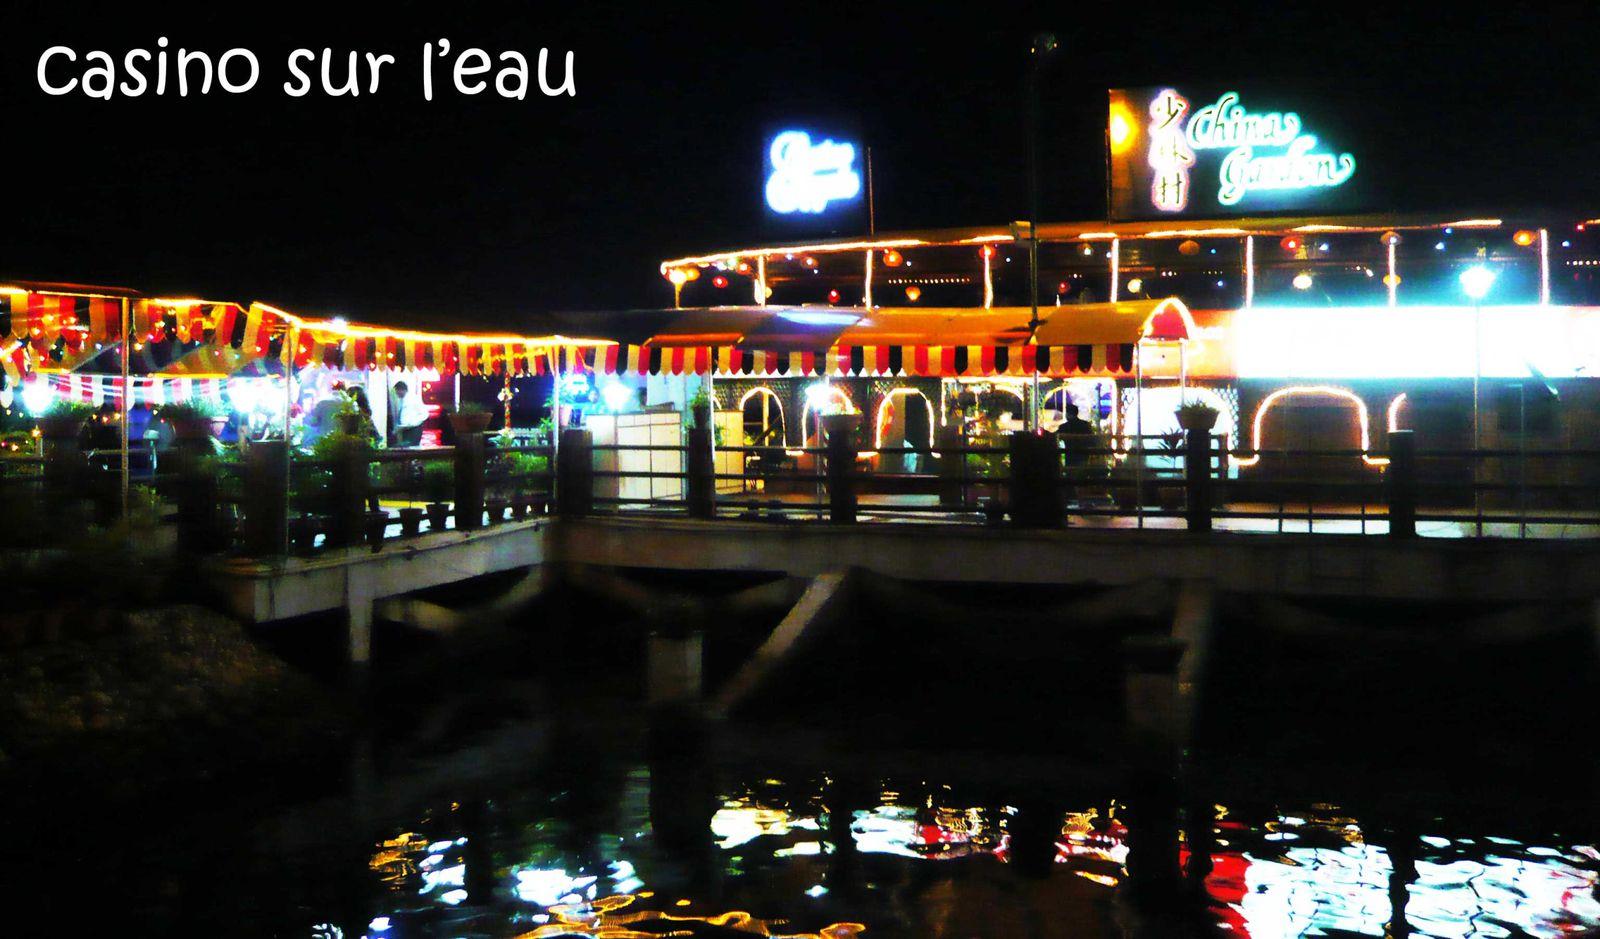 08 Goa casino sur l'eau